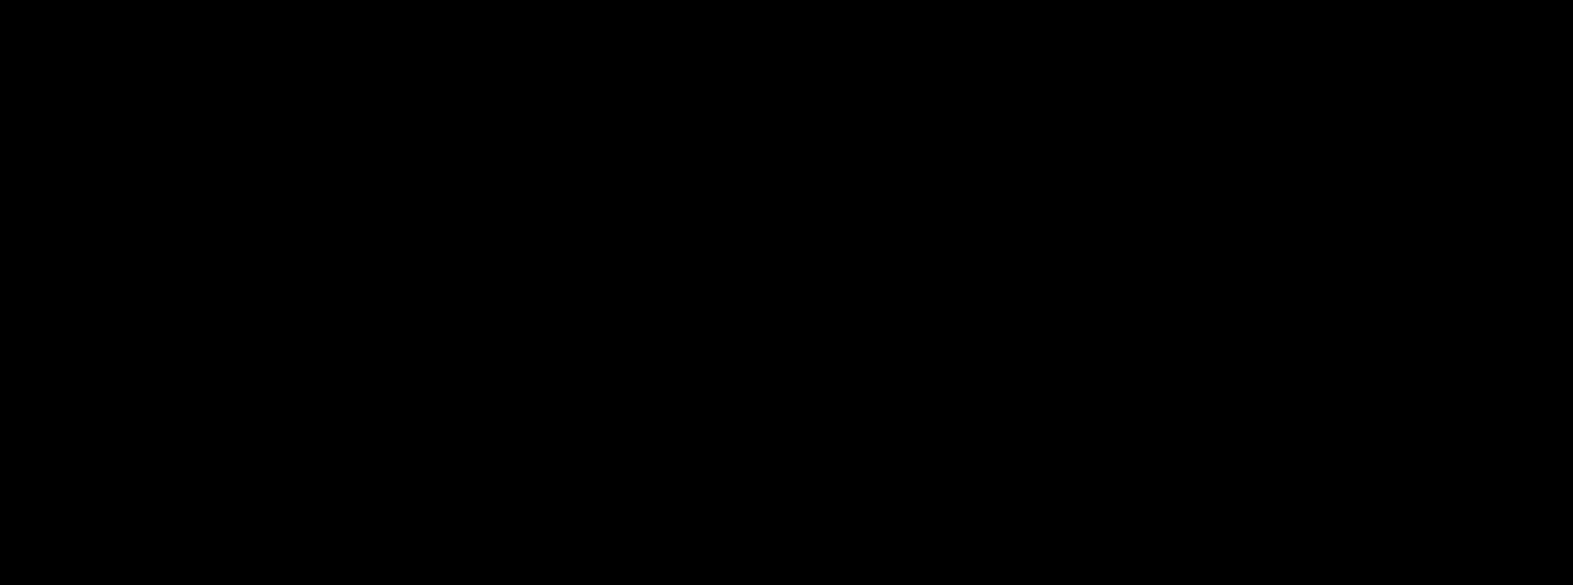 N-Acetyl-S-(2-hydroxyethyl-d<sub>4</sub>)-L-cysteine dicyclohexylamine salt